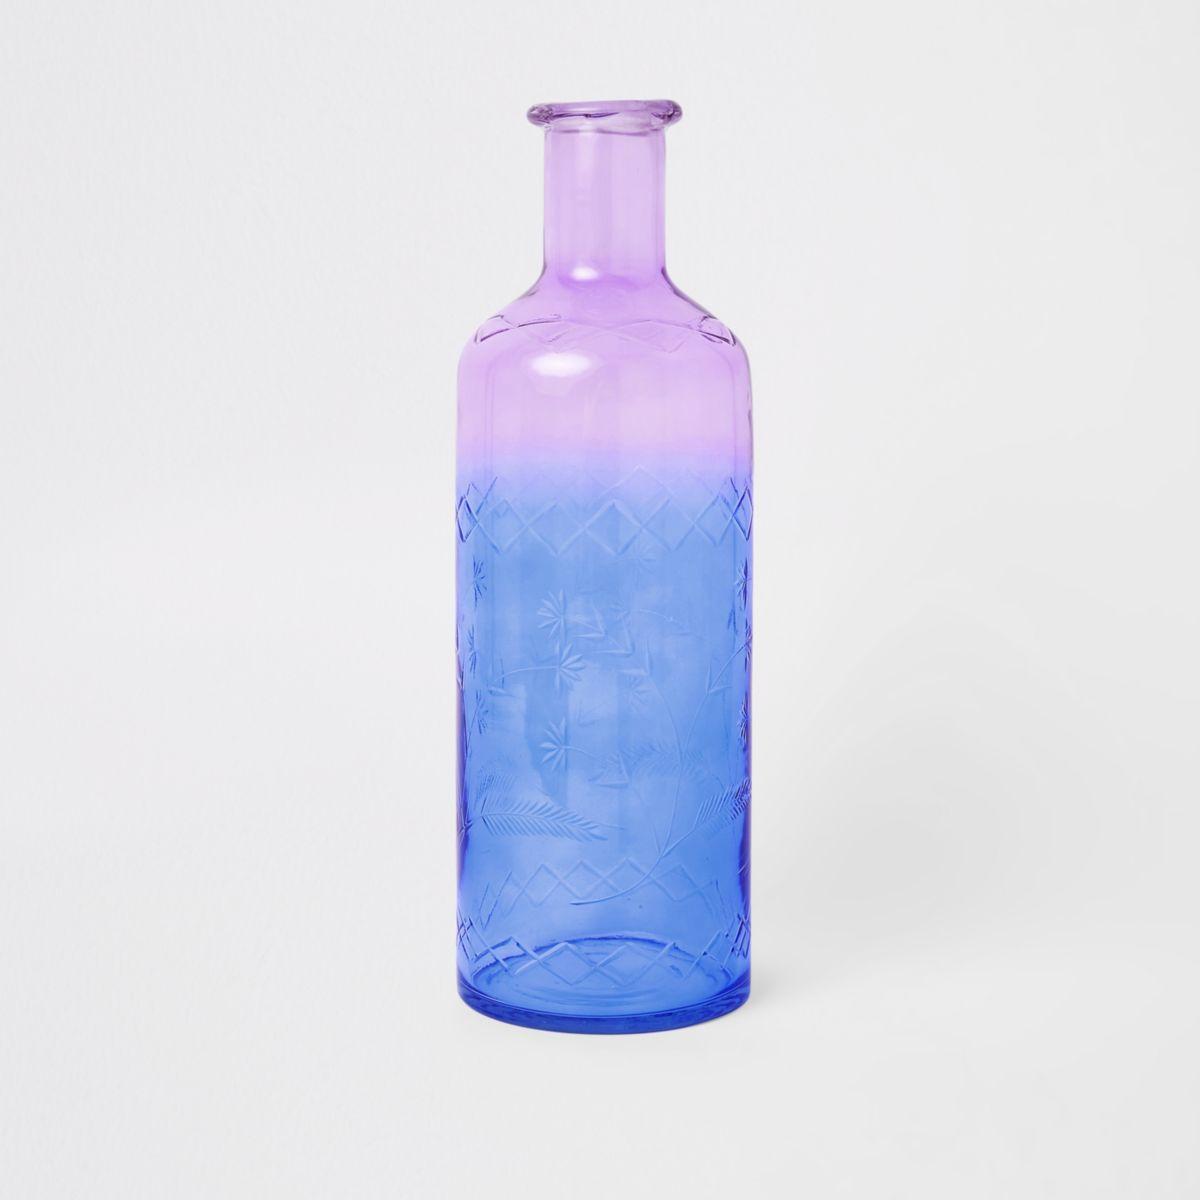 Ombre decorative glass bottle vase